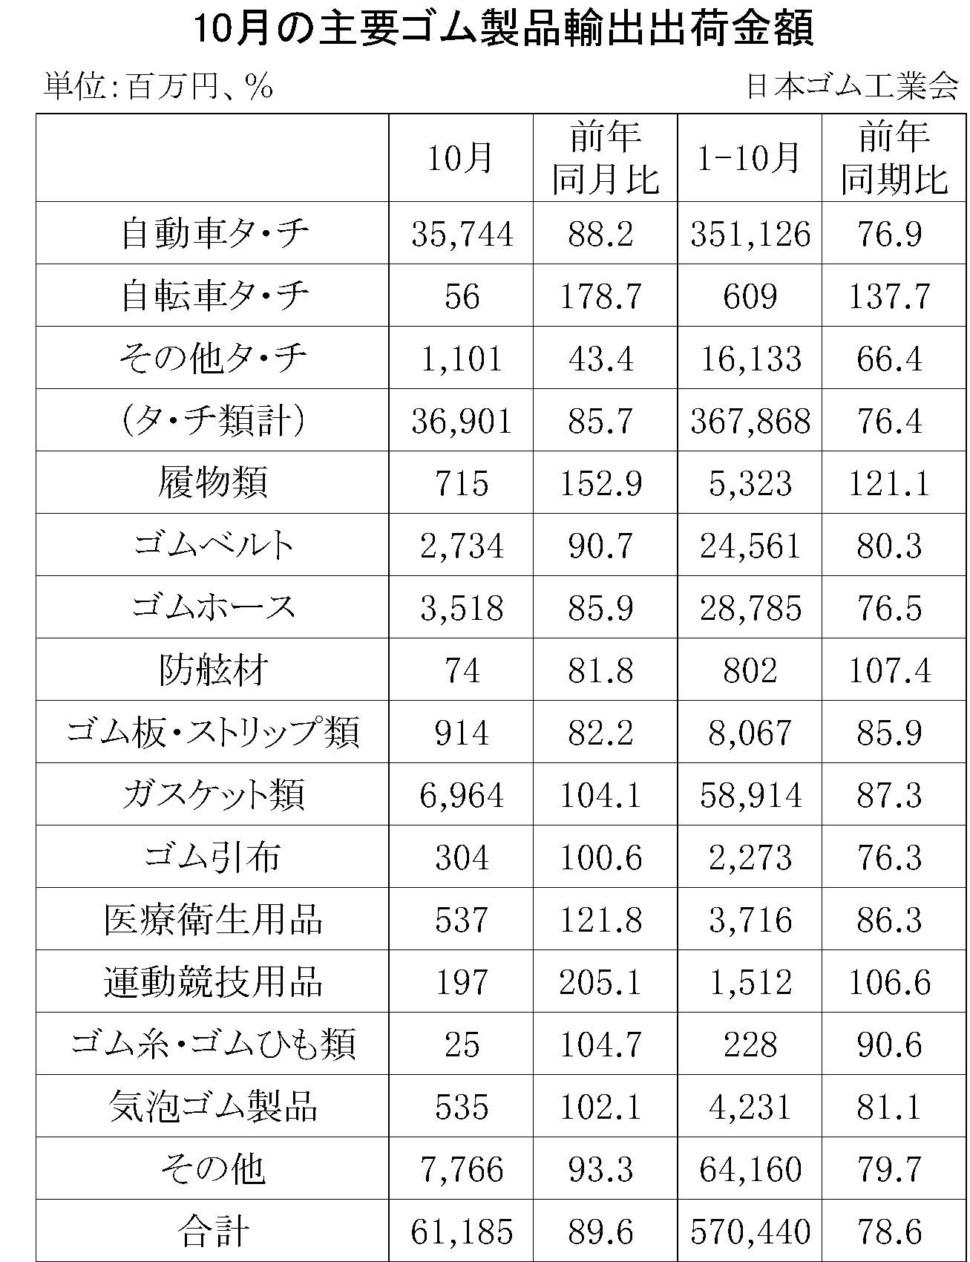 10月のゴム製品輸出